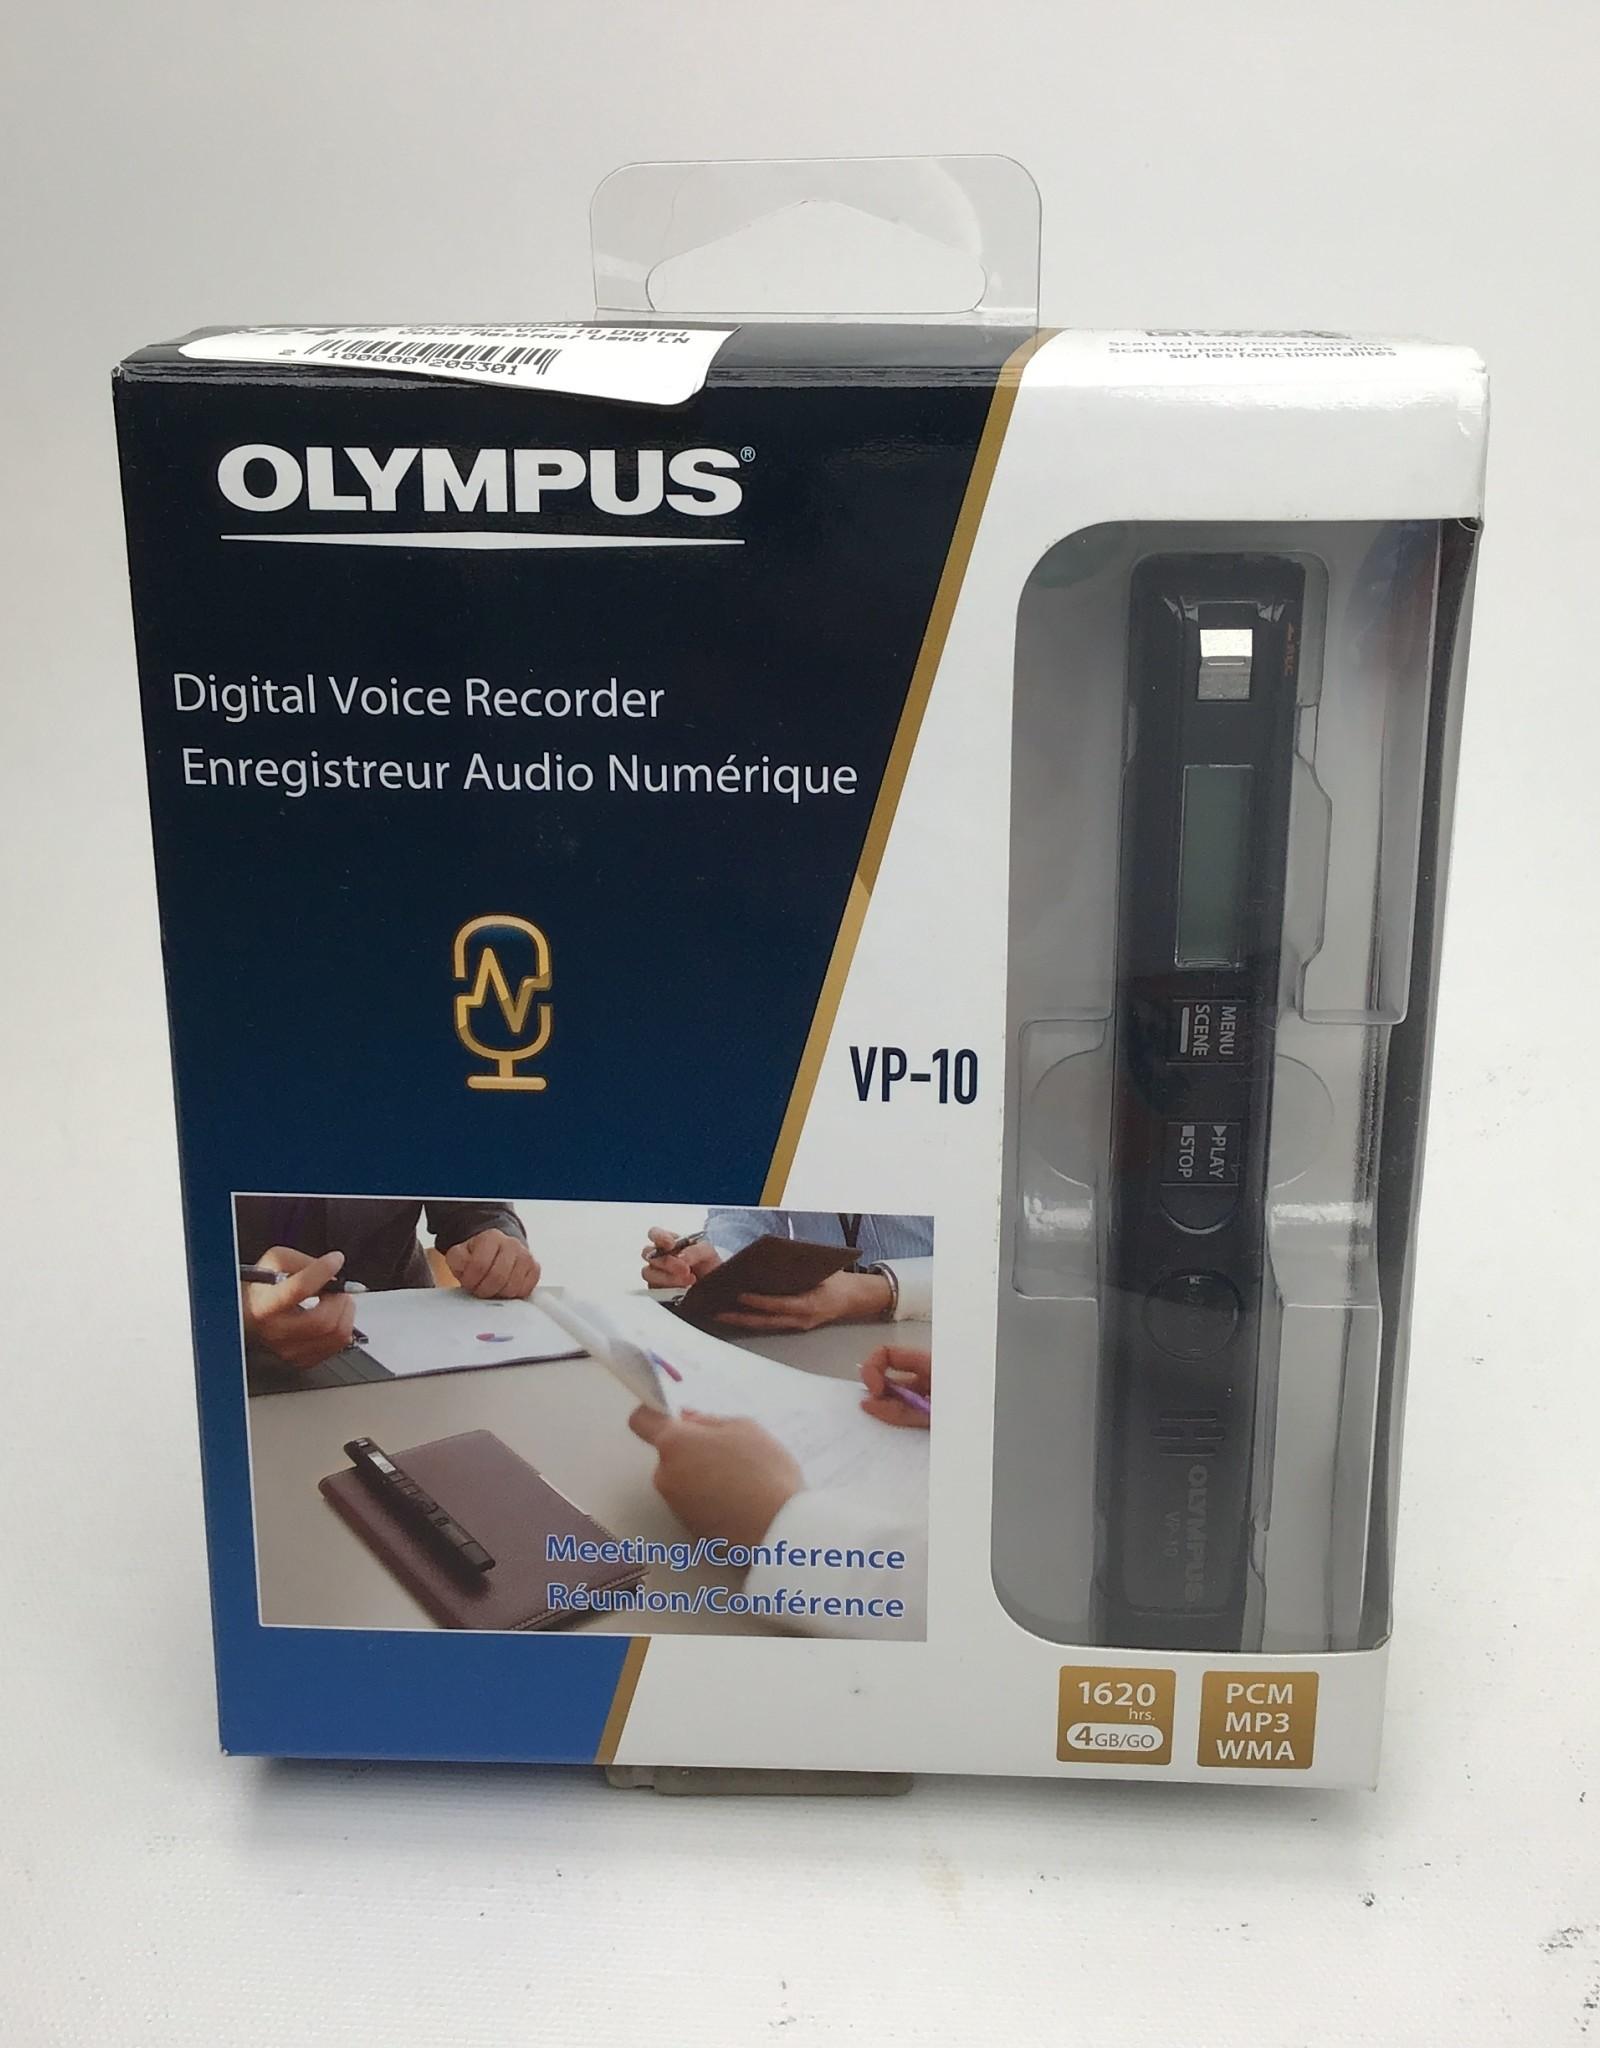 OLYMPUS Olympus VP-10 Digital Voice Recorder Used LN